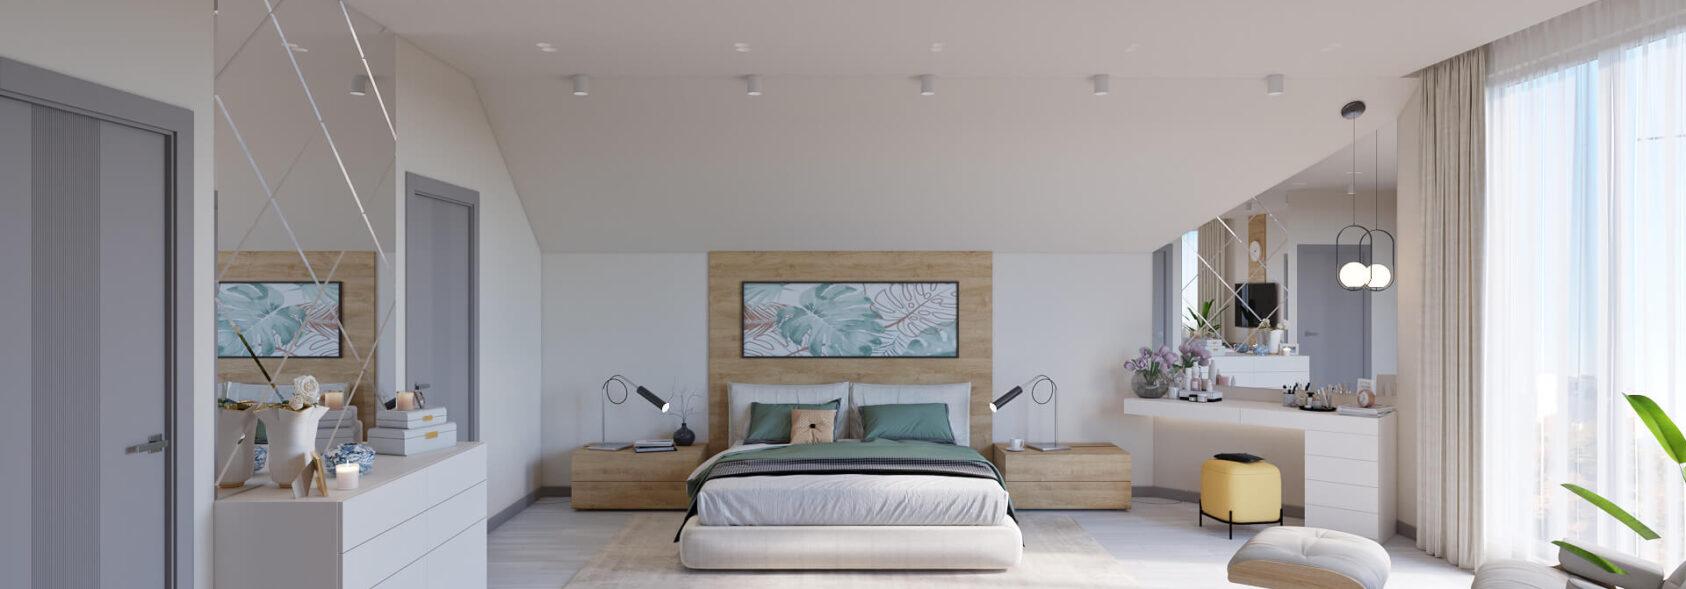 Элитный дизайн дома Запорожье спальня